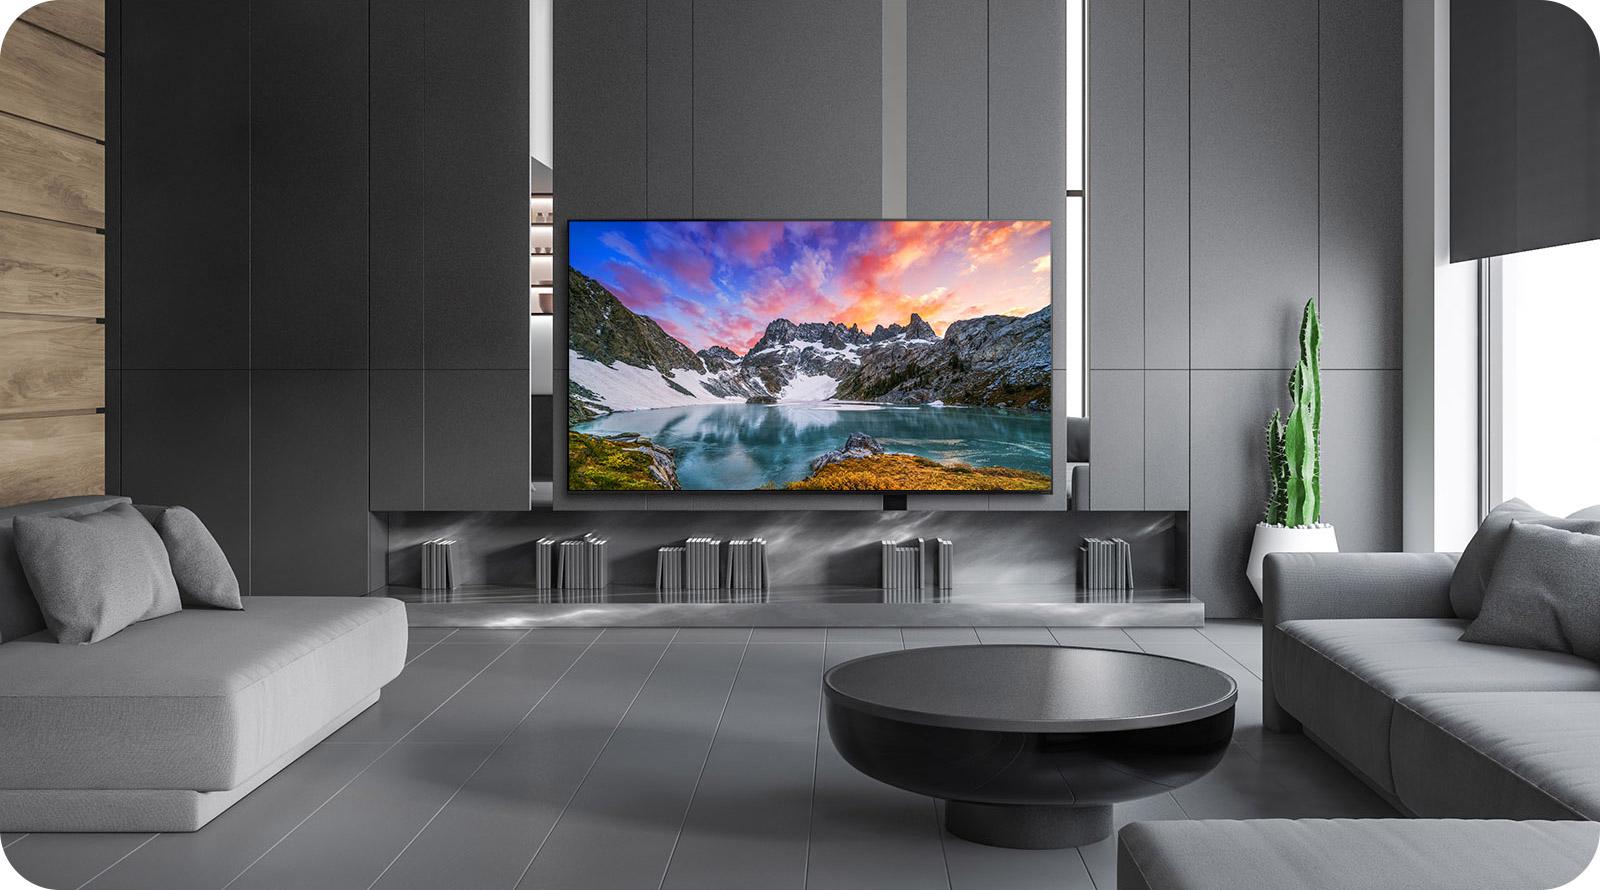 LG TV 65NANO91